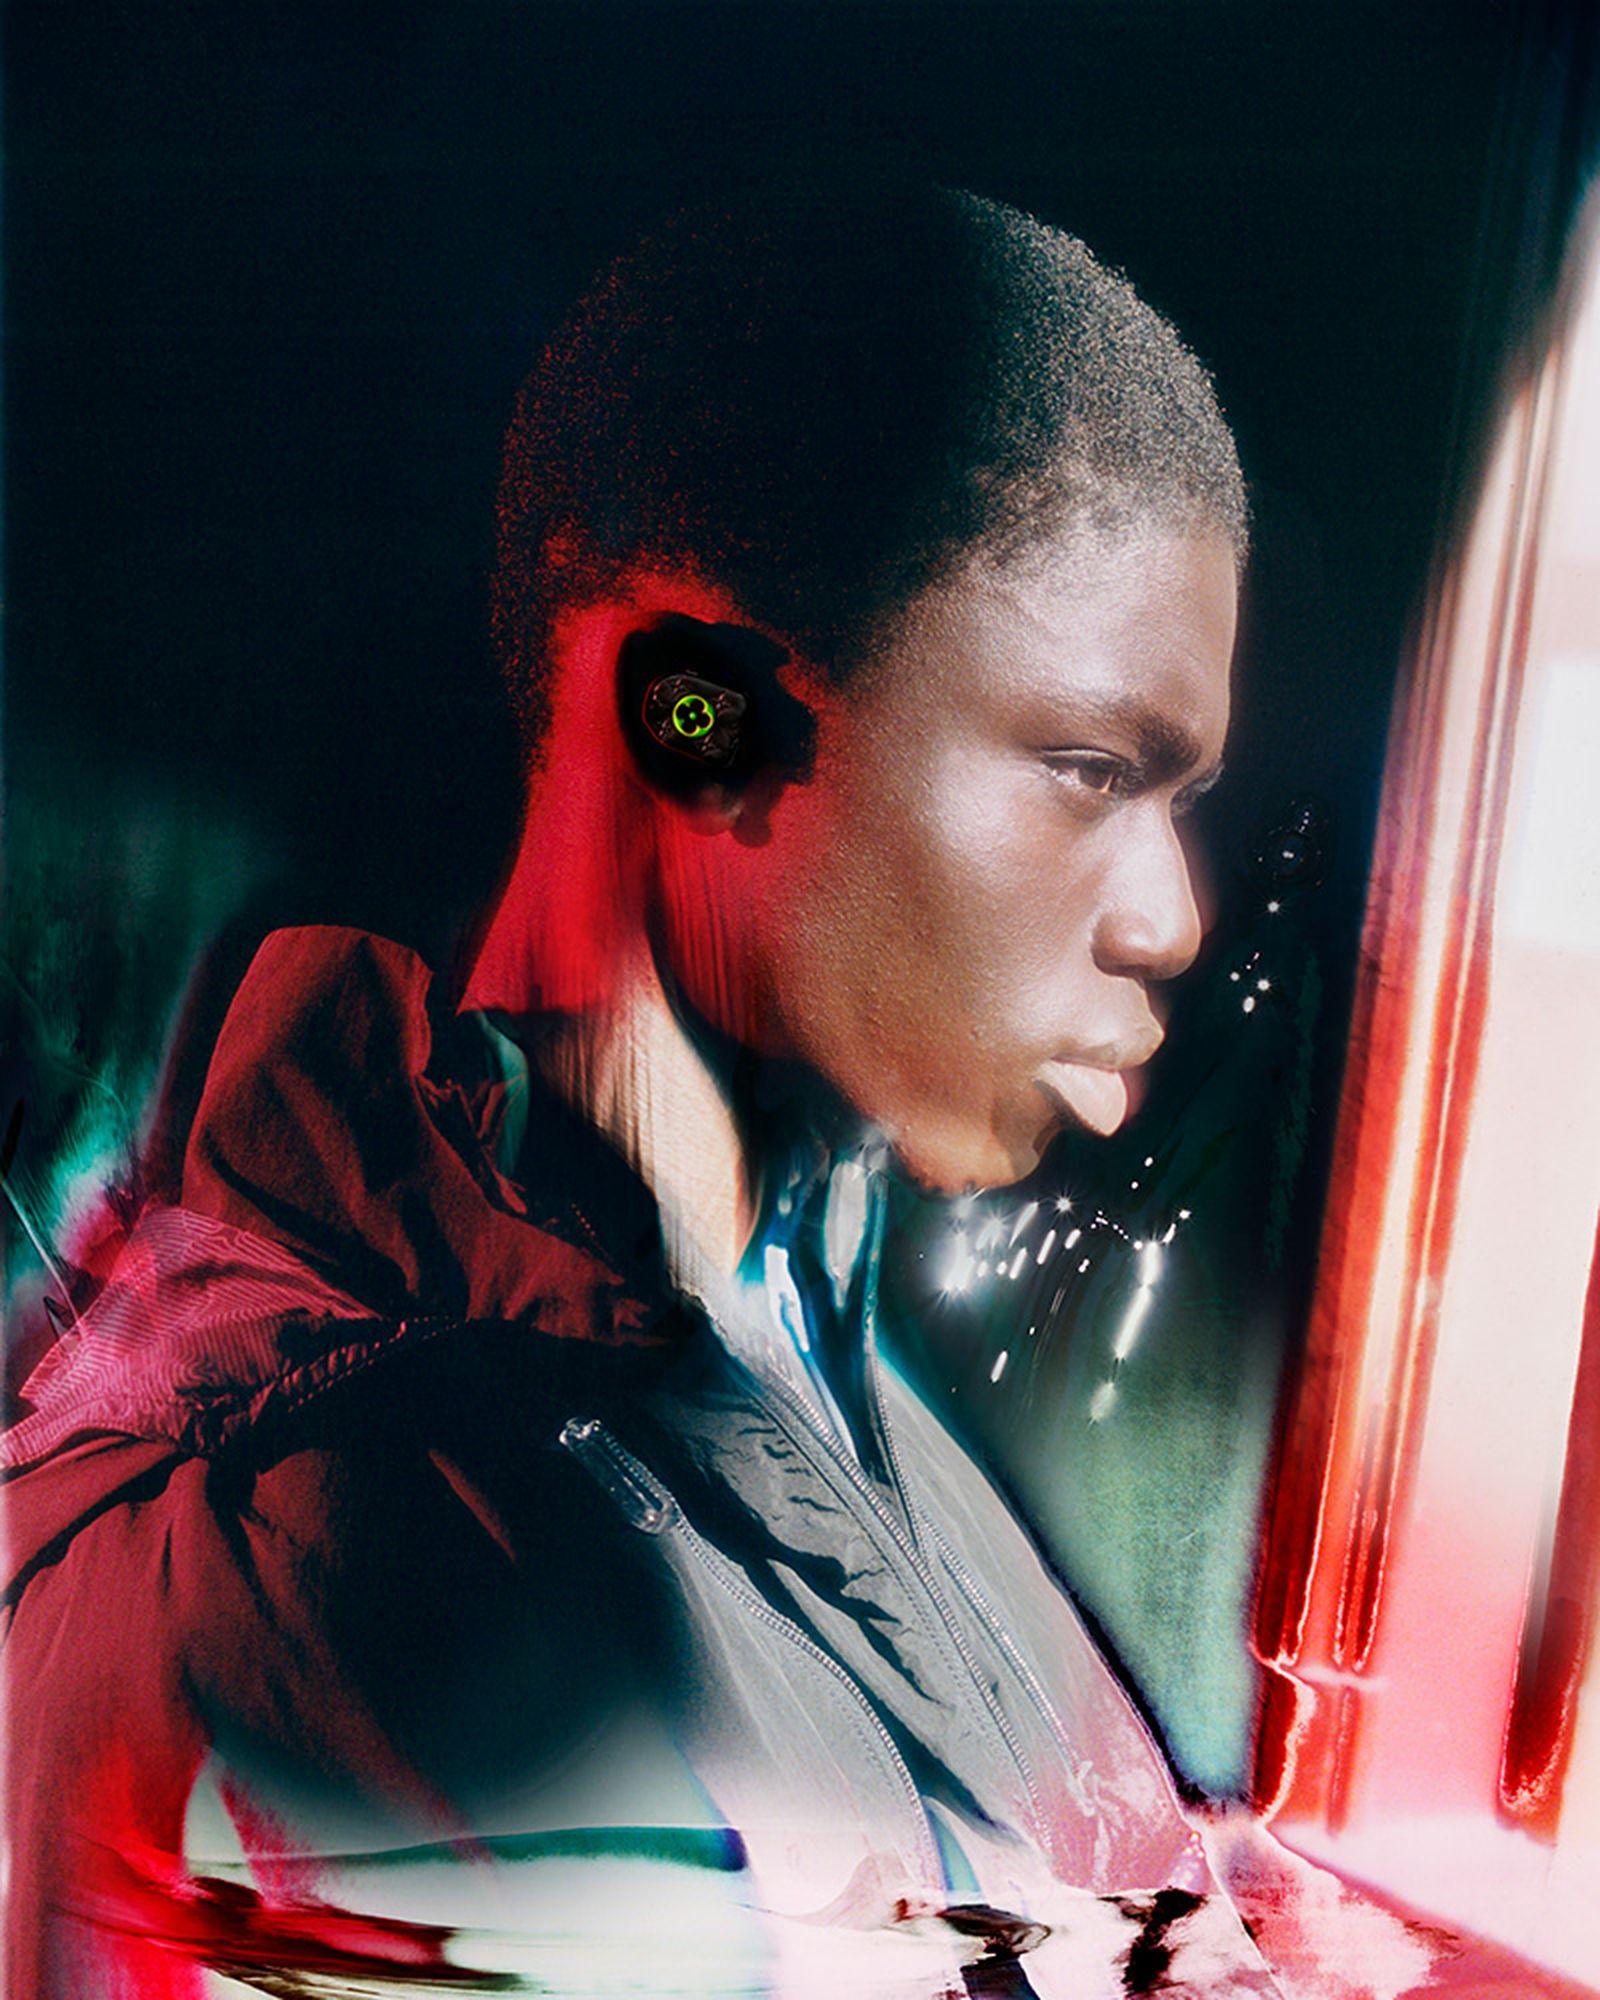 louis-vuitton-glimpses-future-2054-collection-28